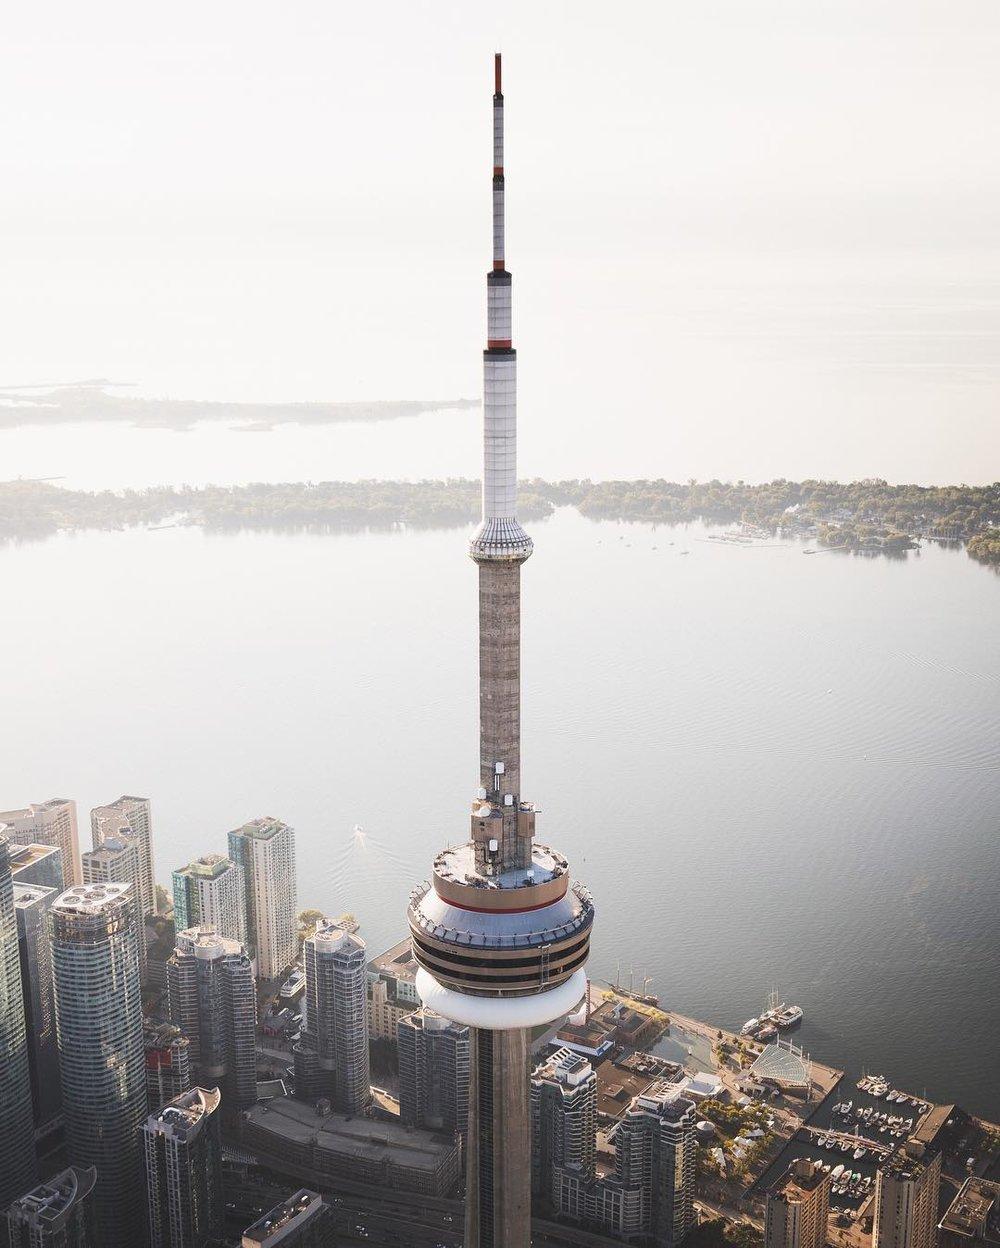 aerial-view-of-cn-tower-cntower-toronto.jpg